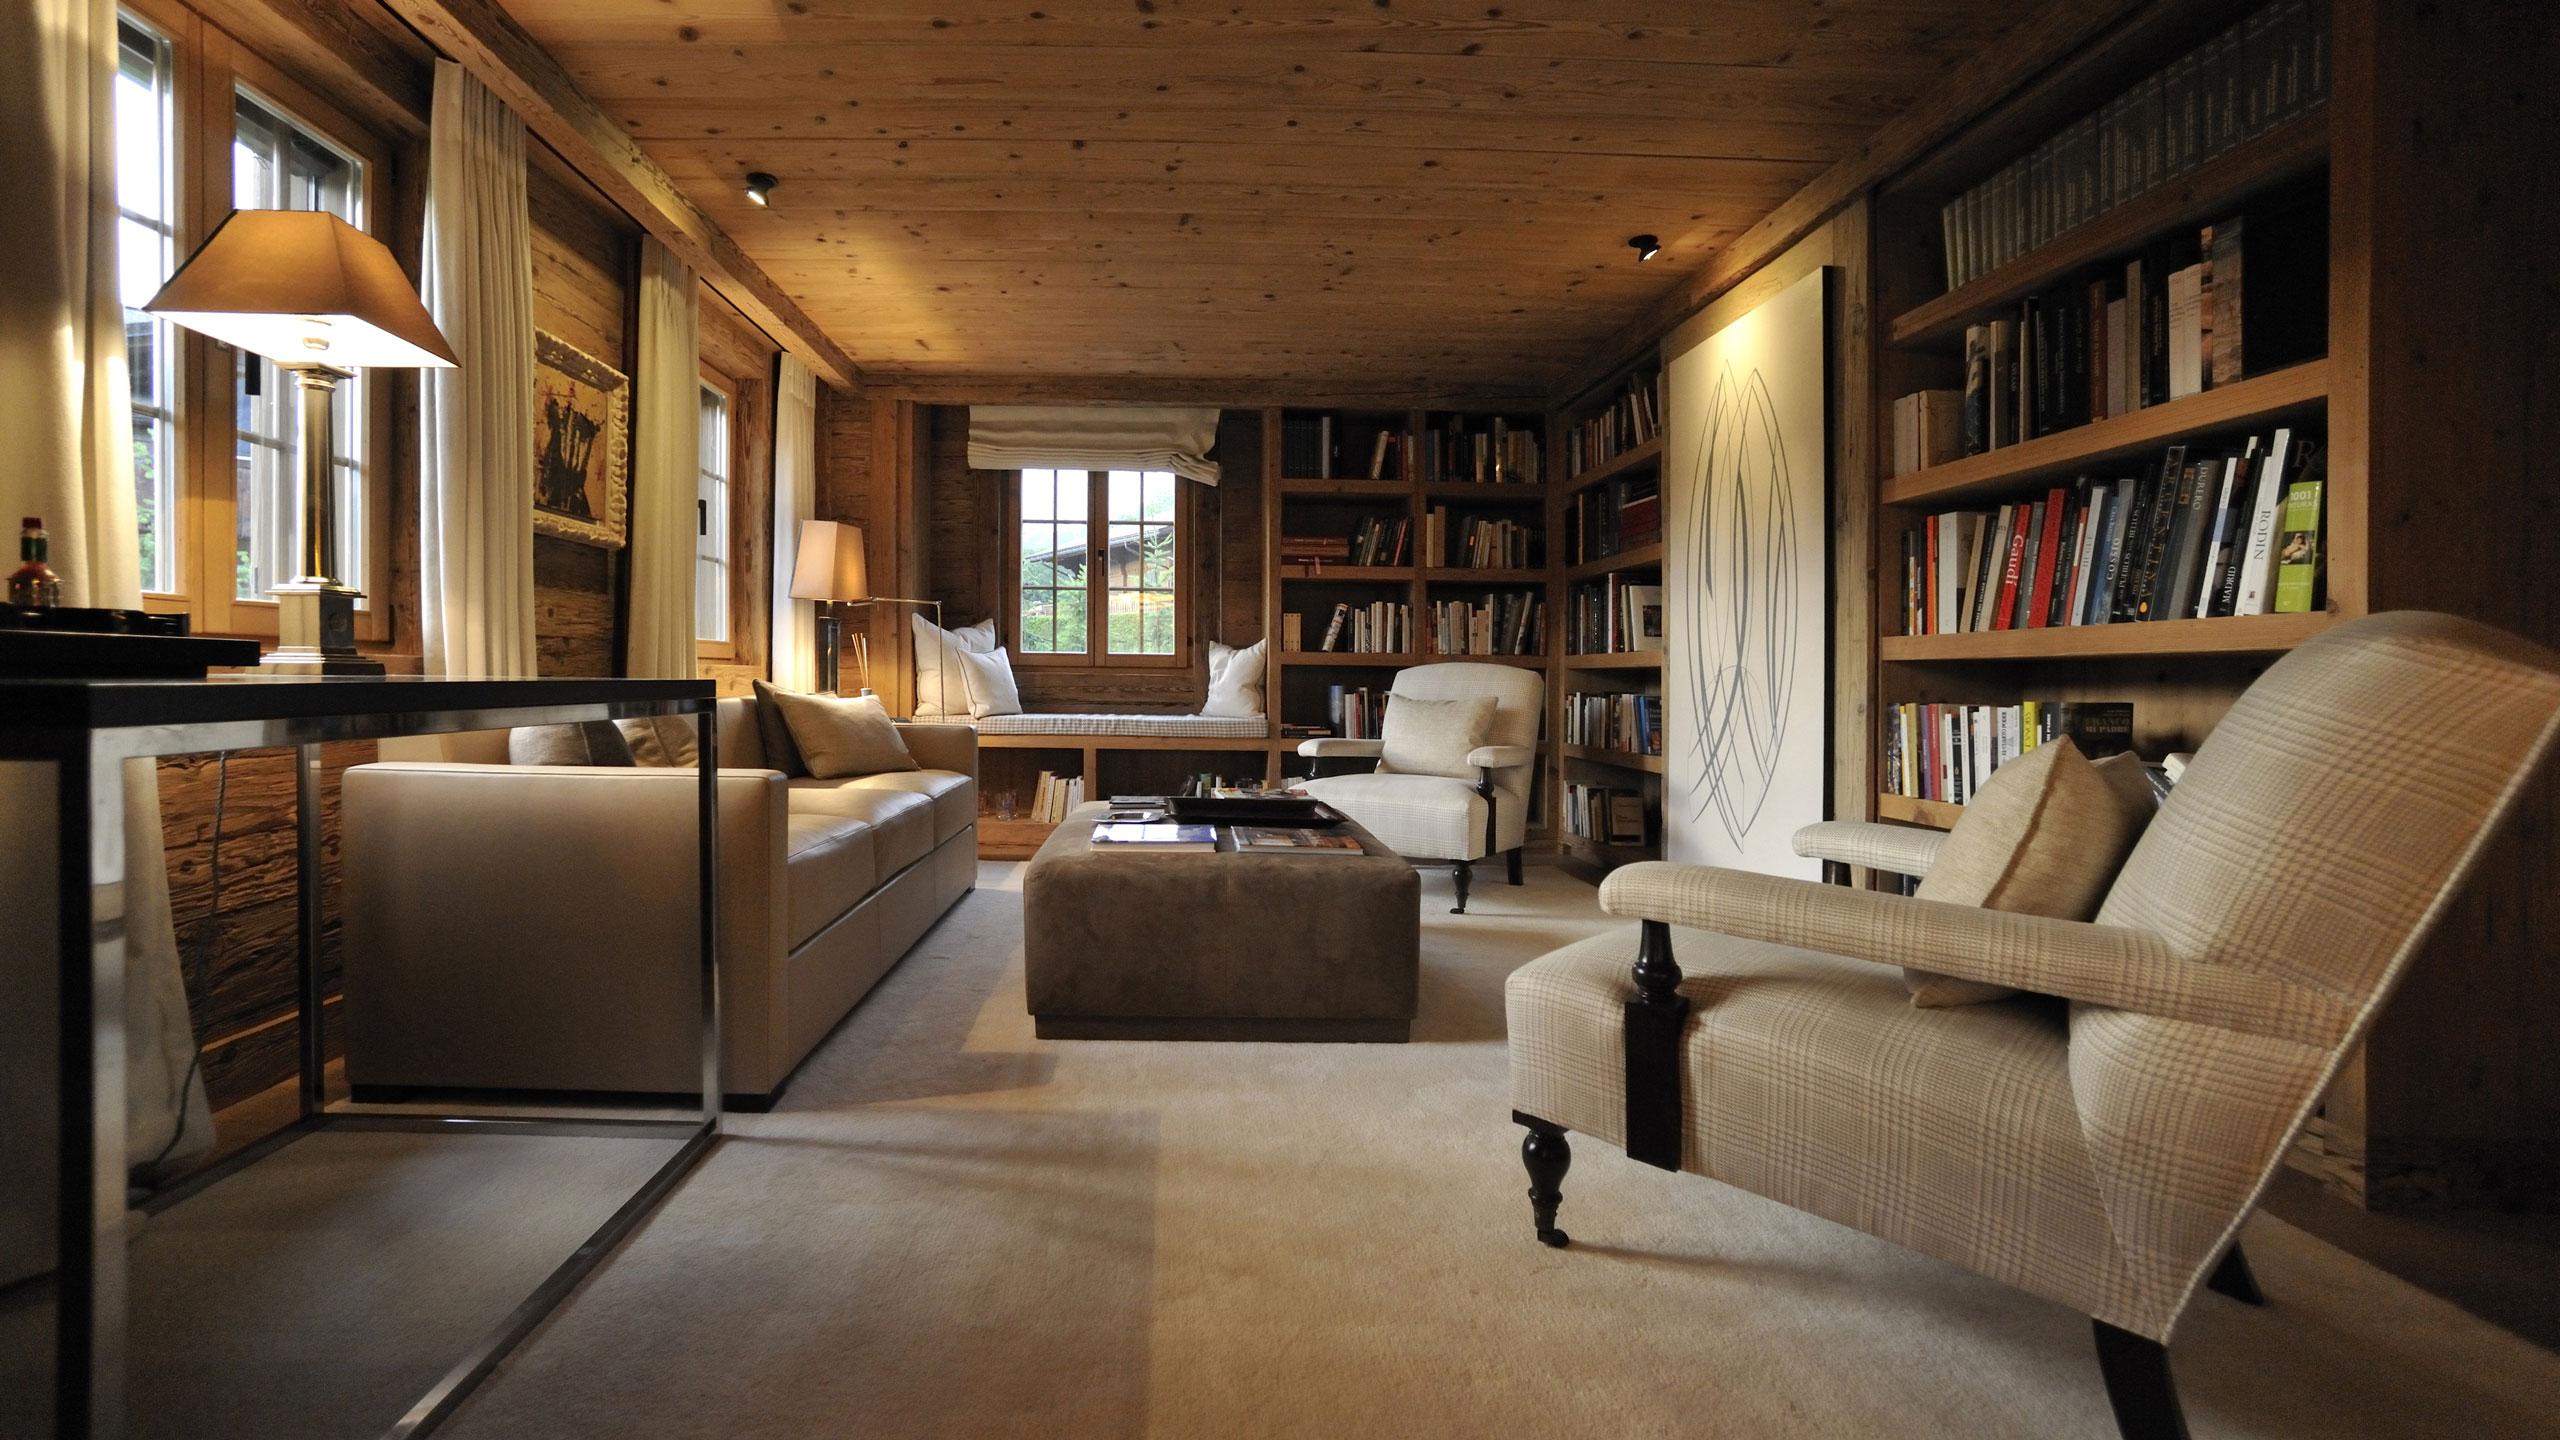 Hauswirth architekten chalet gstaad for Architekten wohnzimmer